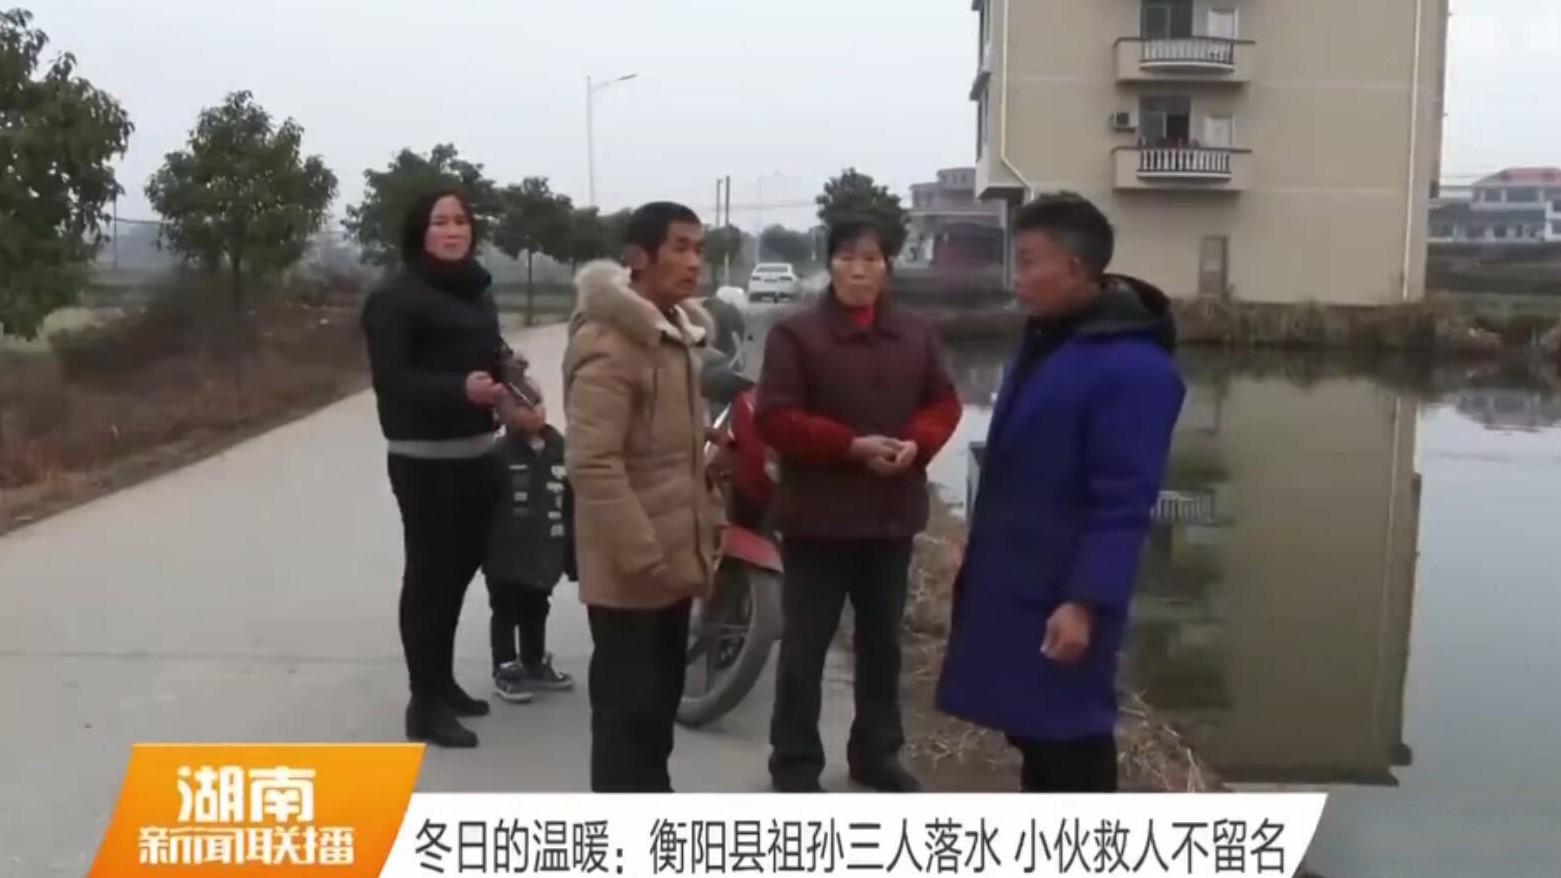 湖南衡阳:祖孙三人落入水塘 小伙子救人不留名